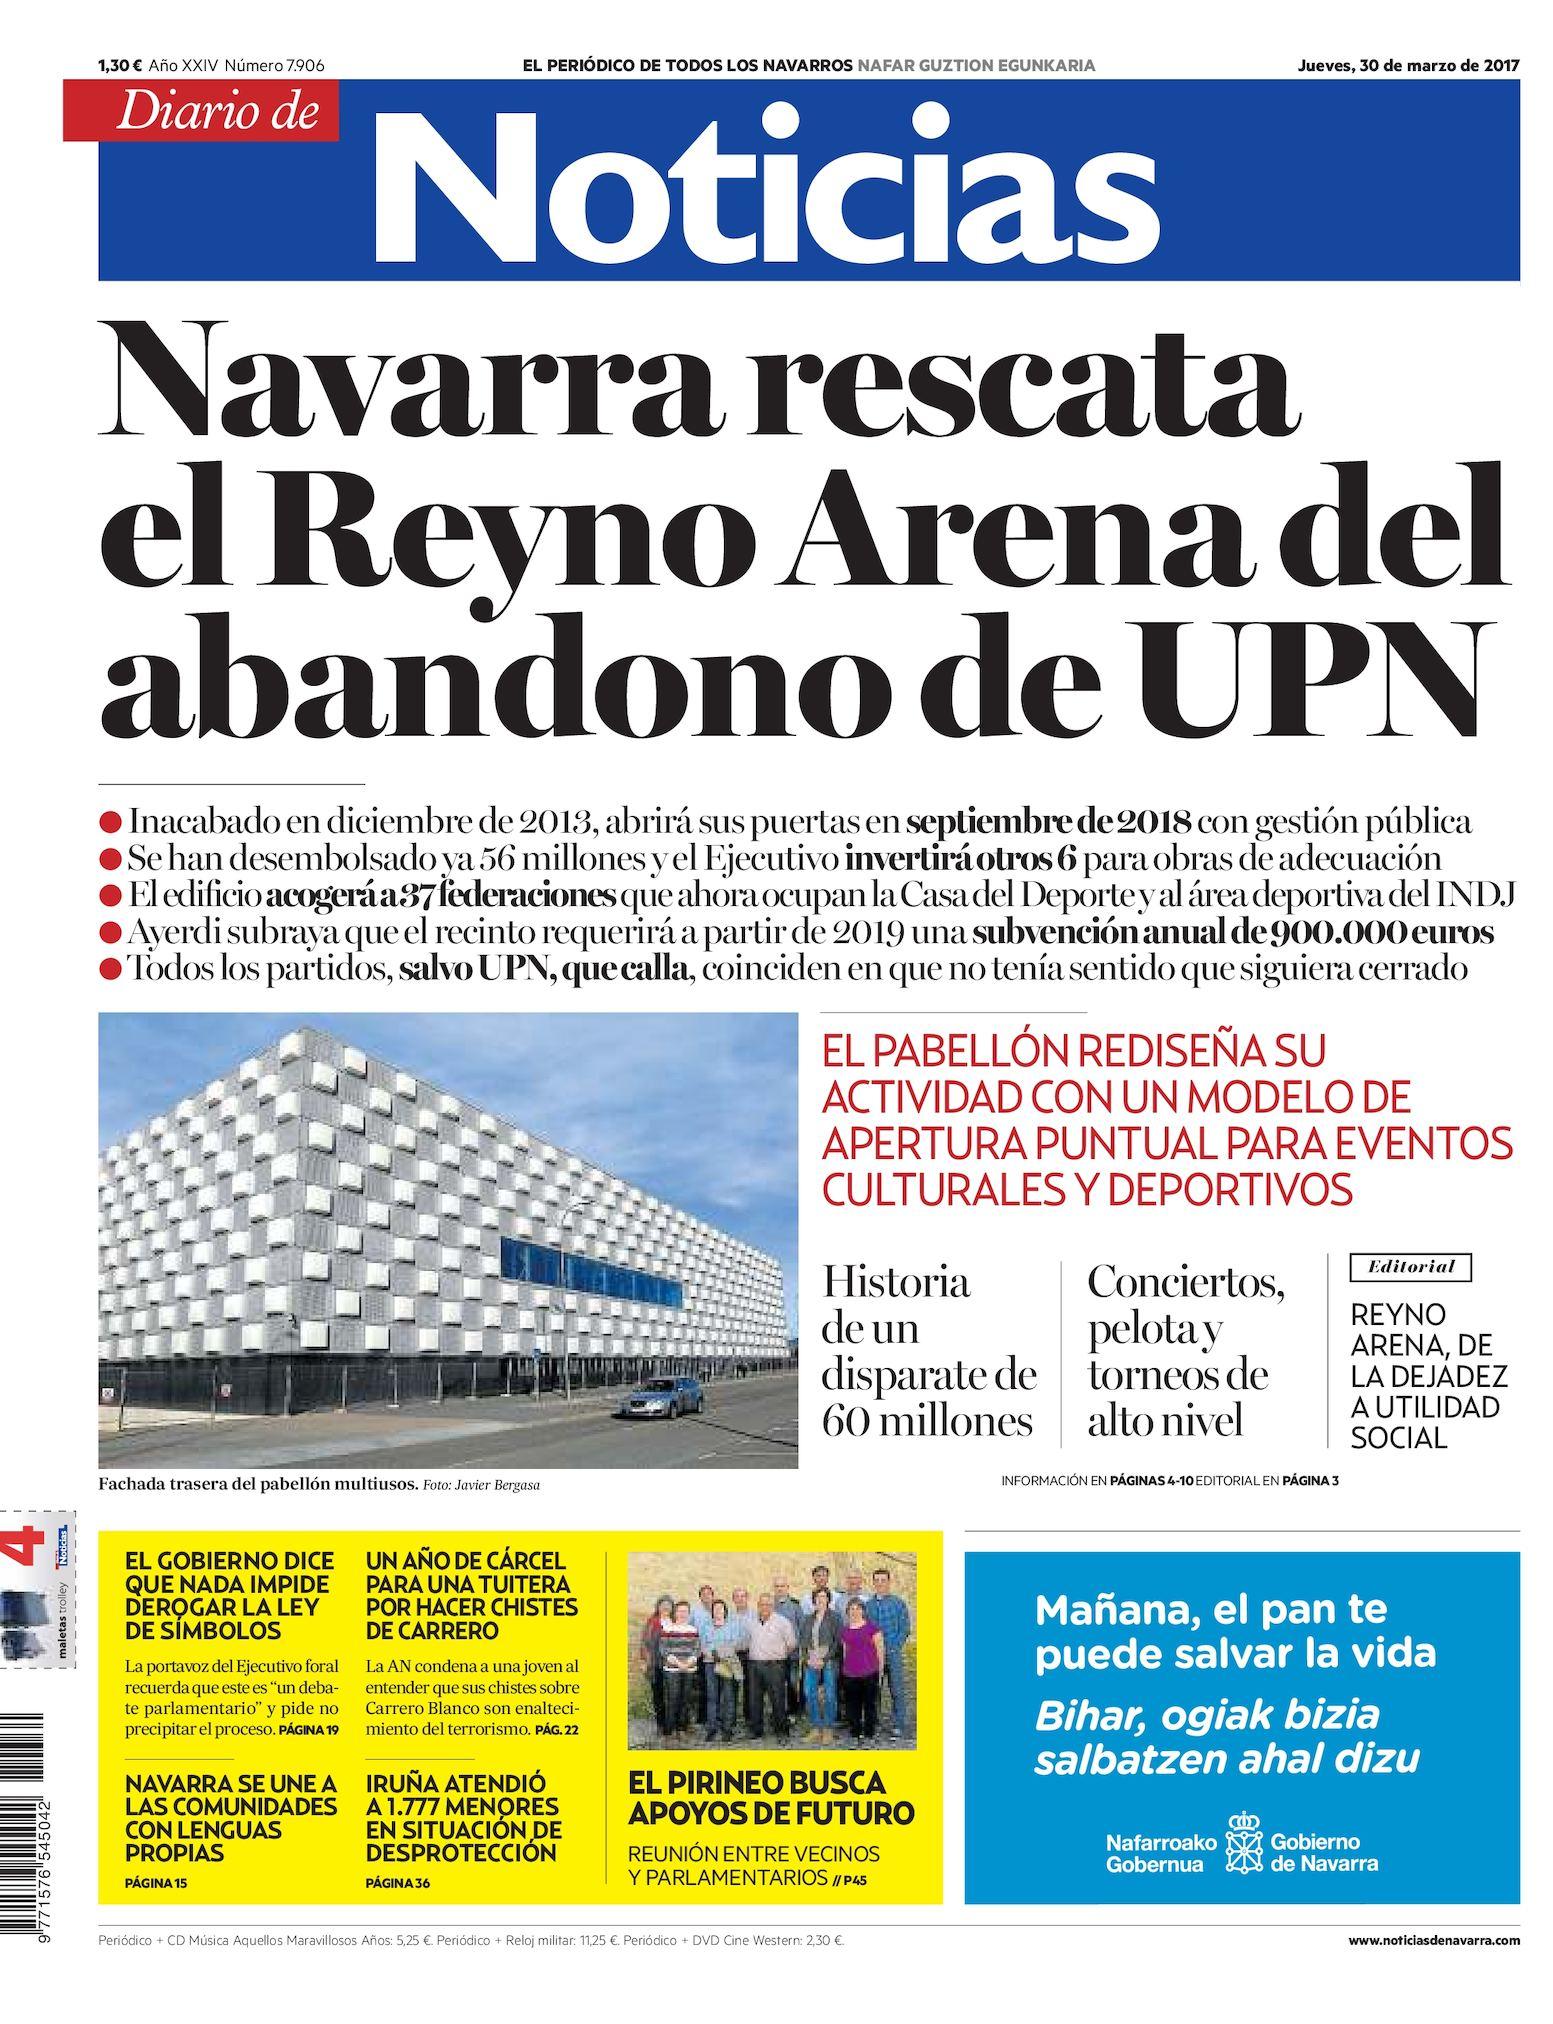 Calaméo - Diario de Noticias 20170330